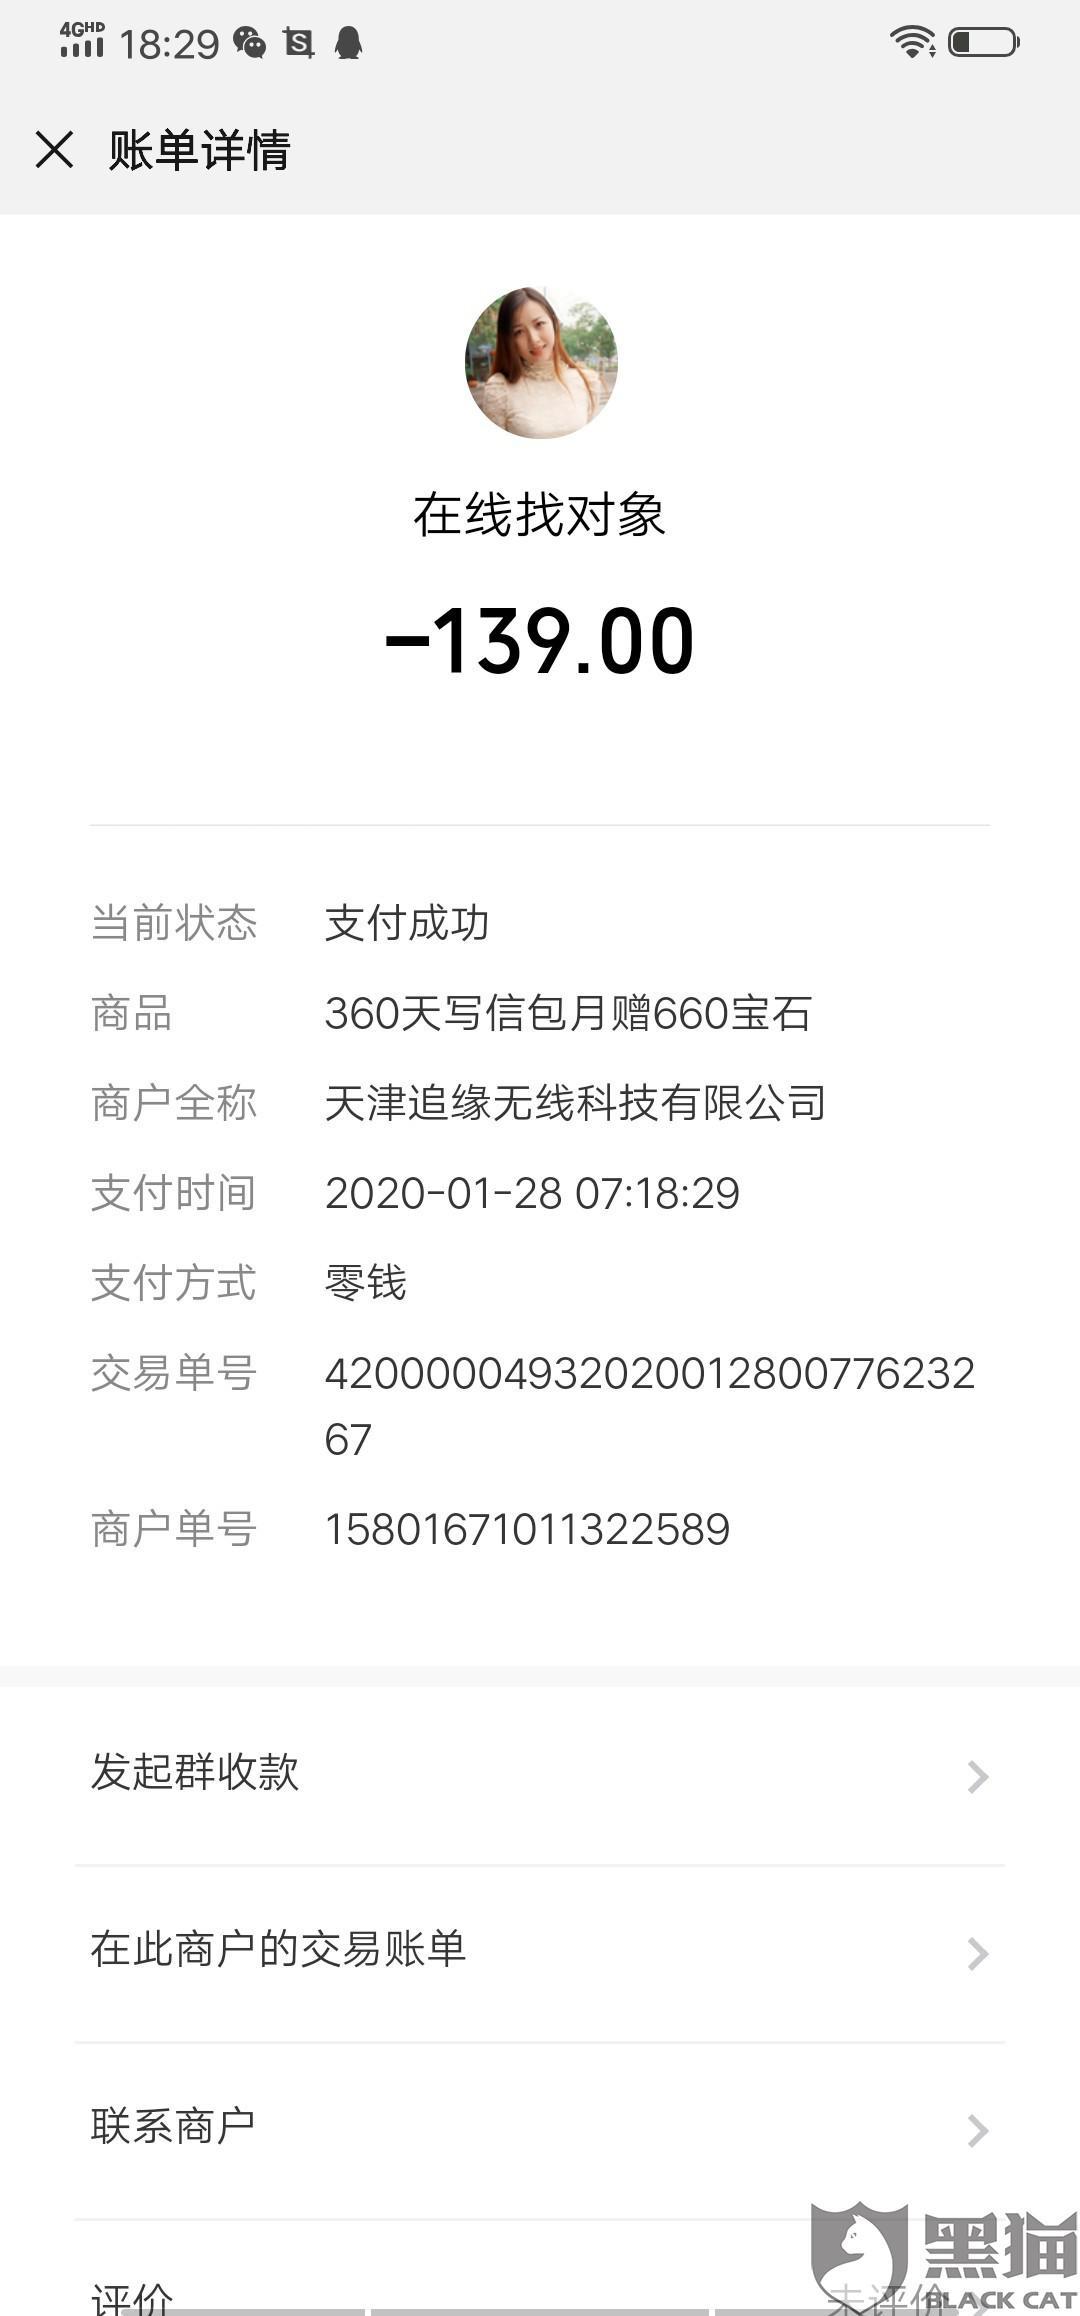 黑猫投诉:北京友缘在线网络科技股份有限公司旗下APP通过三天免费会员诱惑,诱导消费